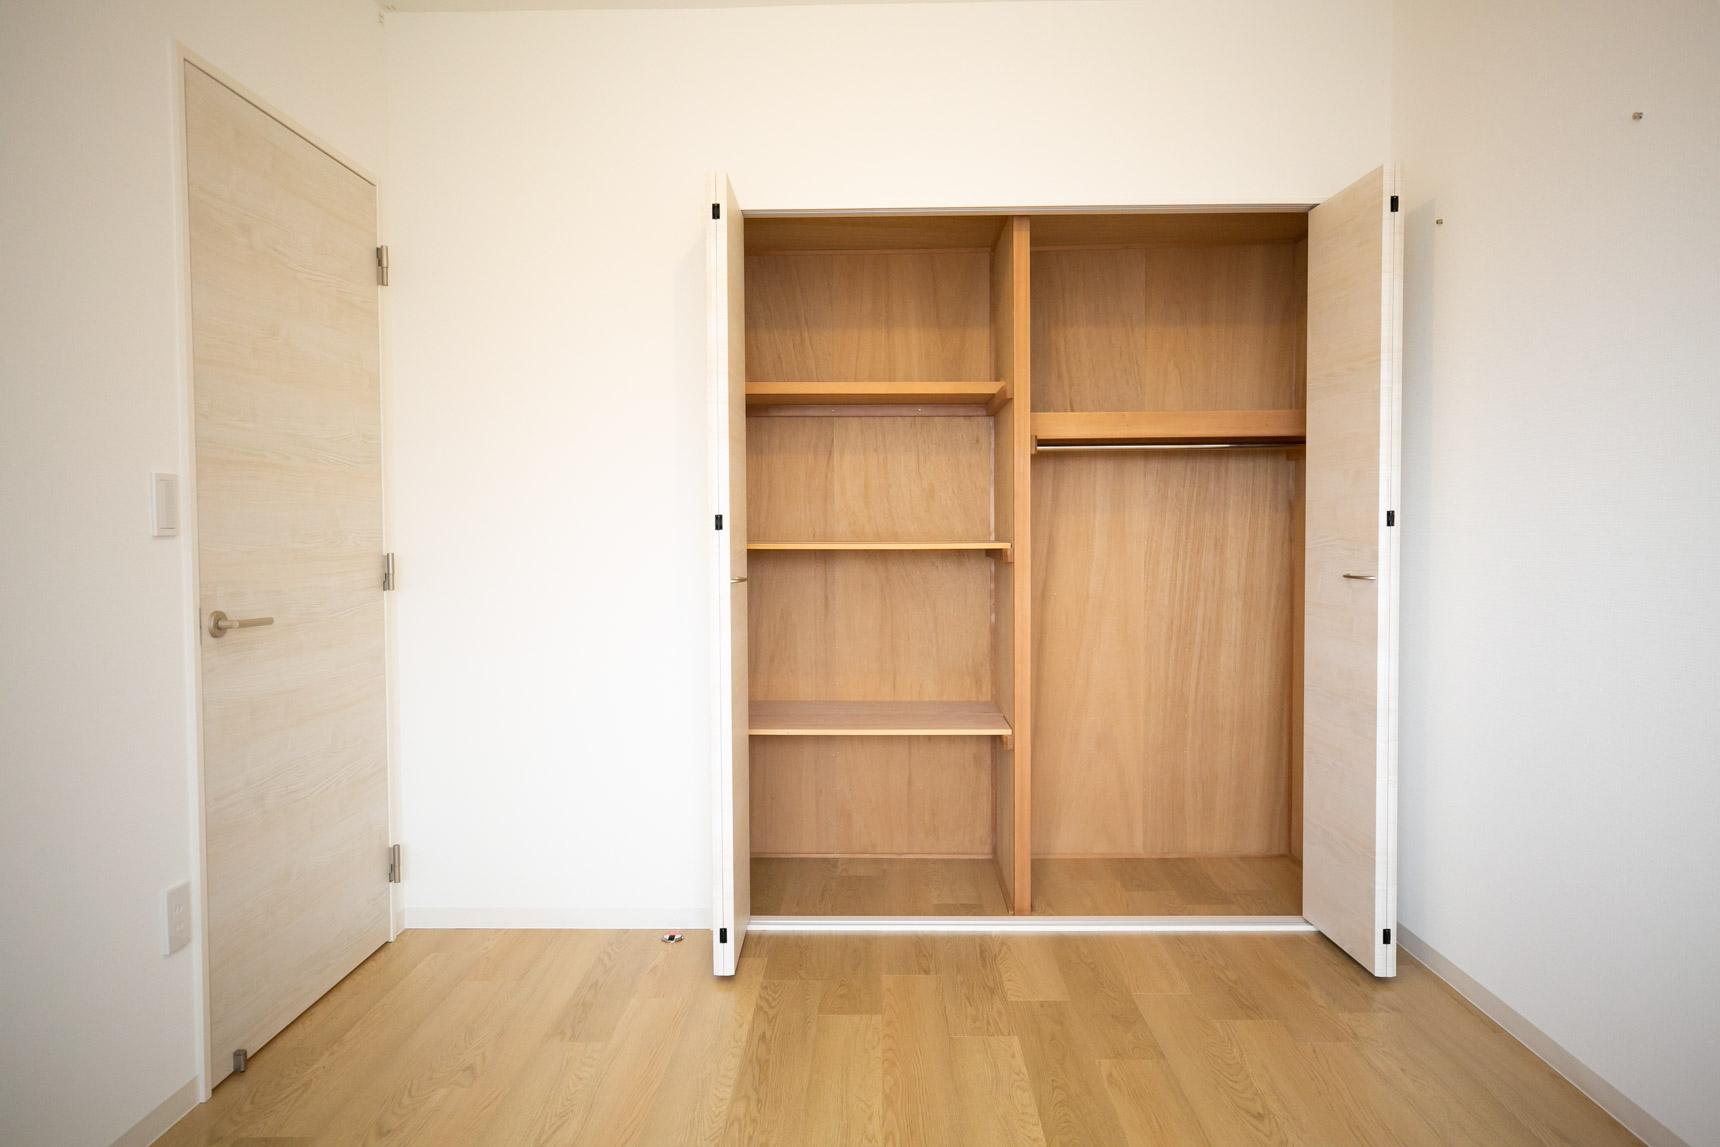 独立した個室がふた部屋。それぞれに奥行きのたっぷりとした収納がついているので、ふたり暮らしでも喧嘩せずに荷物を収納できそうです。